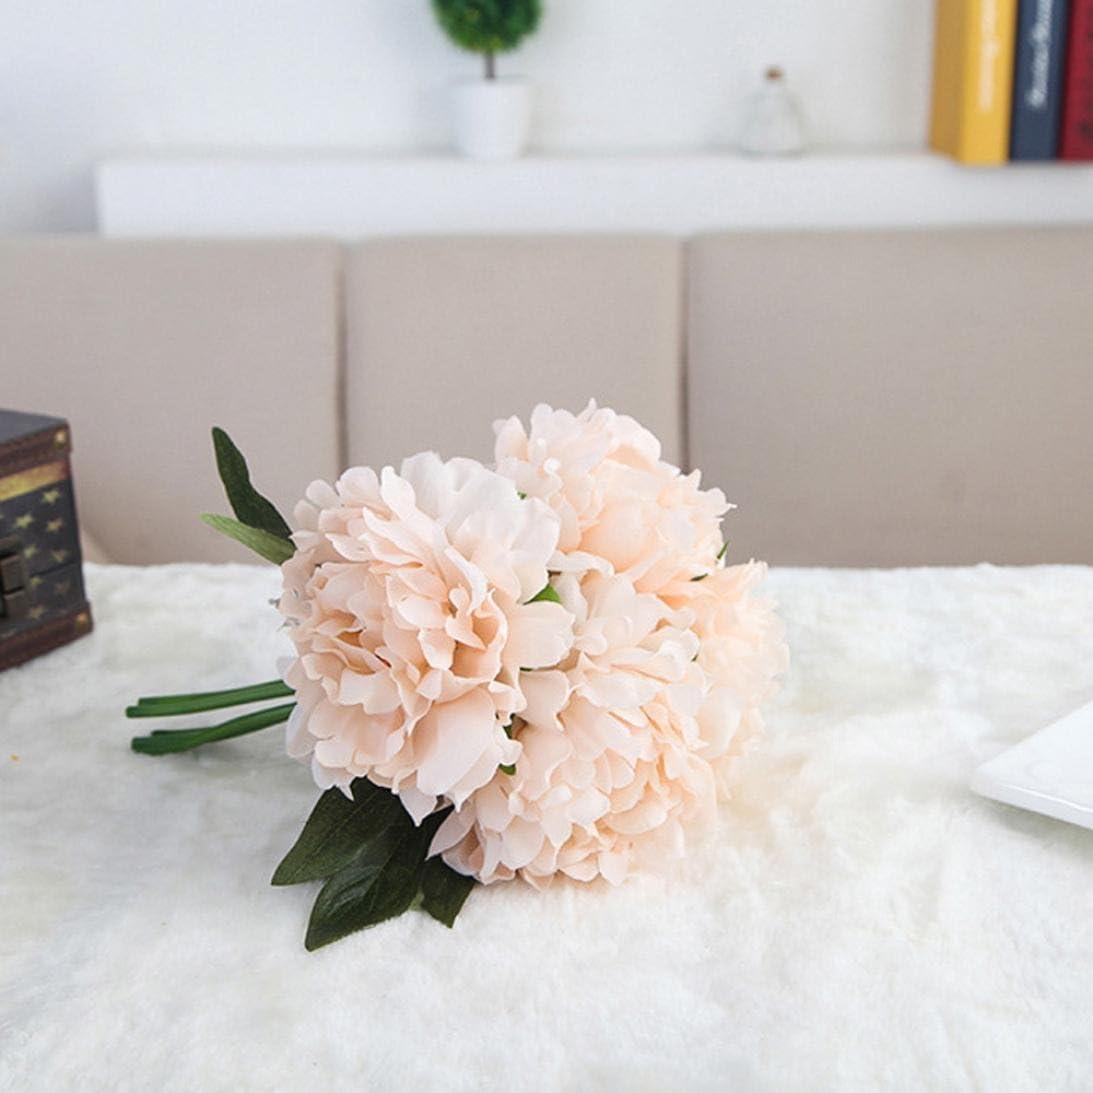 Hortensia artificial Winwintom con flores artificiales de seda para ramo de novia y decoraci/ón de boda